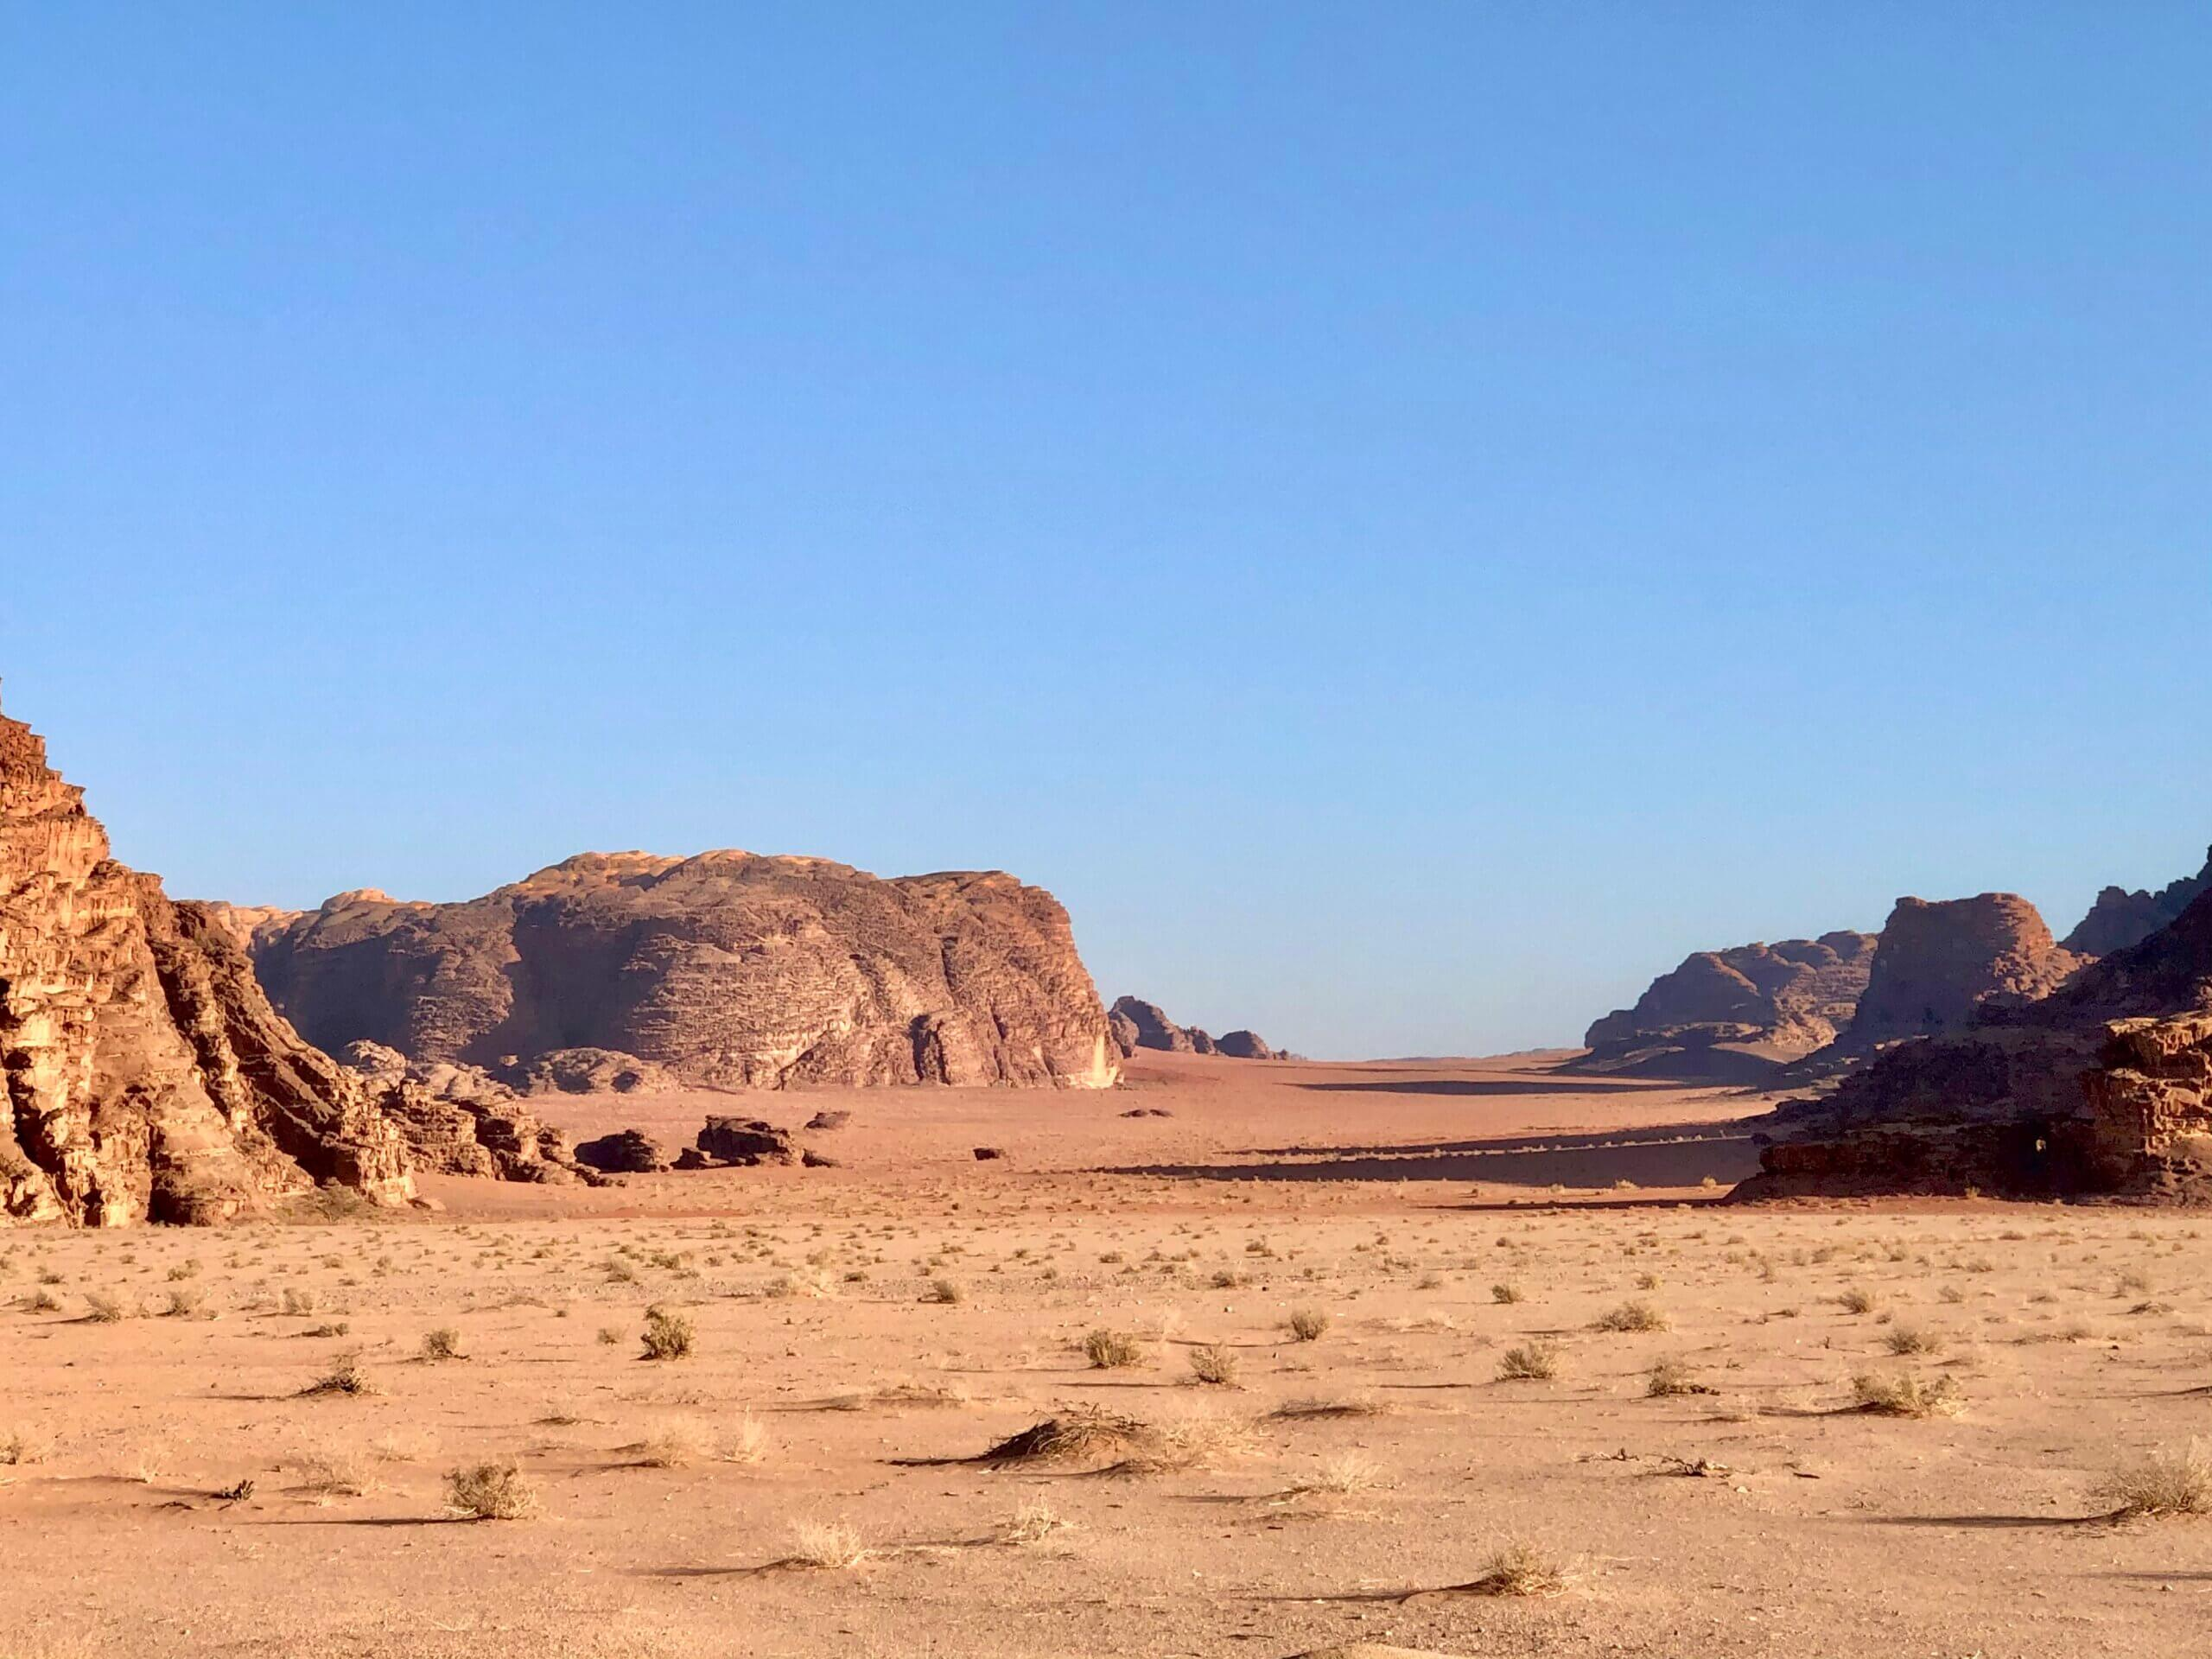 Um Ghadah - Wadi Rum